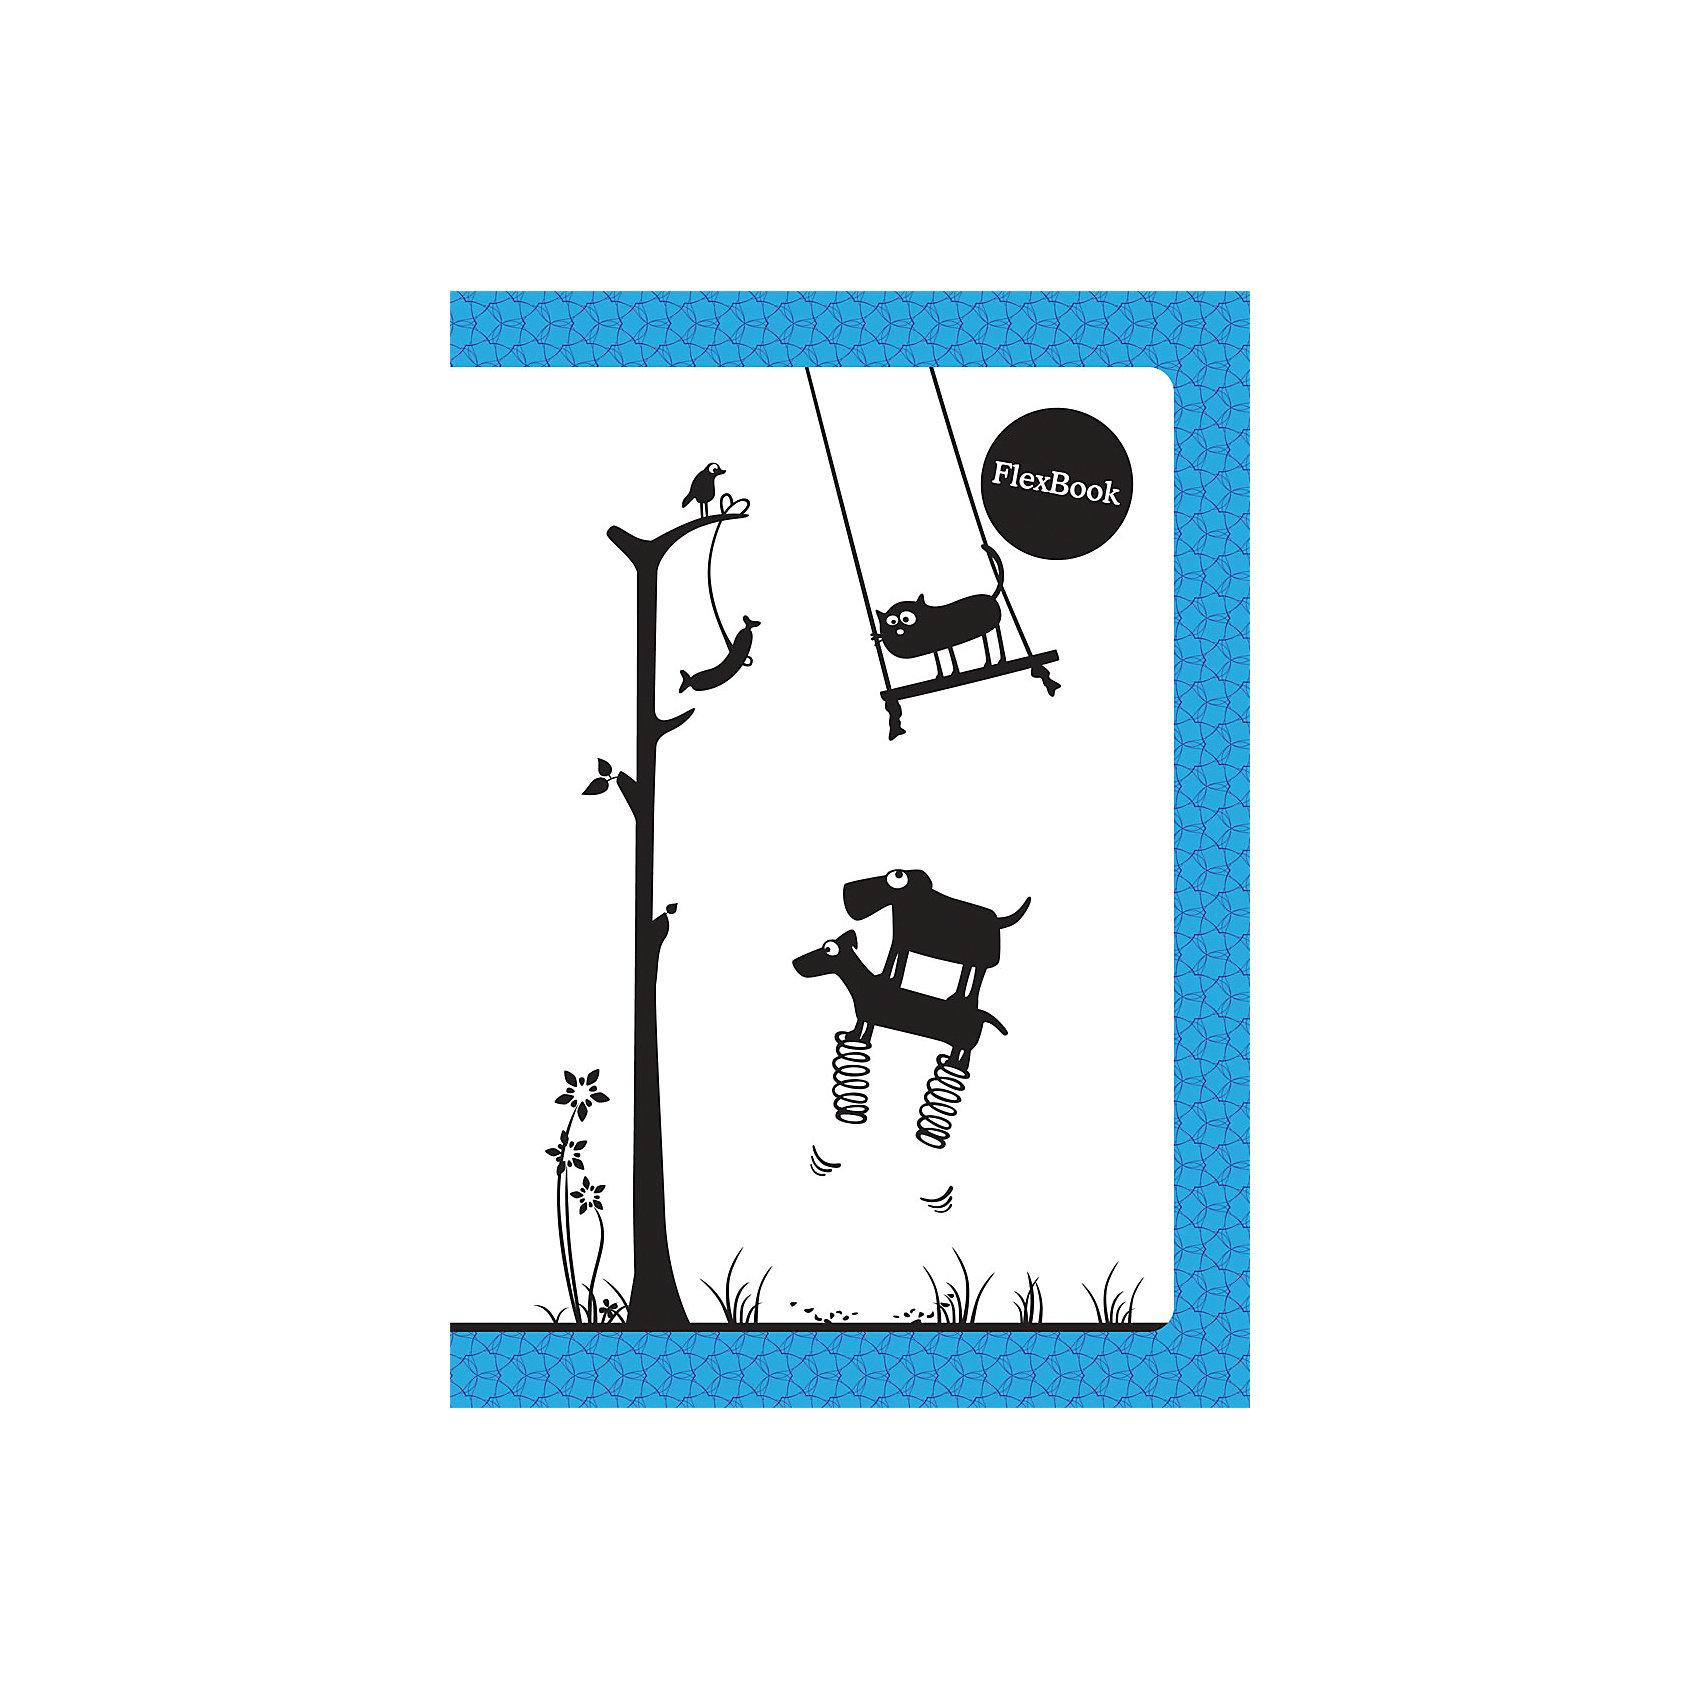 Голубая тетрадь А5 Flex book 80 листовГолубая тетрадь А5 Flex book 80 листов<br><br>Характеристики:<br><br>• Количество листов: 80<br>• Формат: А5<br>• Цвет: голубая<br>• Вес: 184г<br>• Размер: 210х7х145мм<br><br>Большая общая тетрадь с инновационным креплением станет надежной спутницей на любые занятия. Мелованная и металлизированная обложка надежно защищает листы от попадания влаги, а также не позволяет бумаге мяться. Качественная белая бумага благотворно влияет на зрение ребенка.<br><br>Голубая тетрадь А5 Flex book 80 листов можно купить в нашем интернет-магазине.<br><br>Ширина мм: 210<br>Глубина мм: 7<br>Высота мм: 145<br>Вес г: 184<br>Возраст от месяцев: 84<br>Возраст до месяцев: 360<br>Пол: Унисекс<br>Возраст: Детский<br>SKU: 5390355